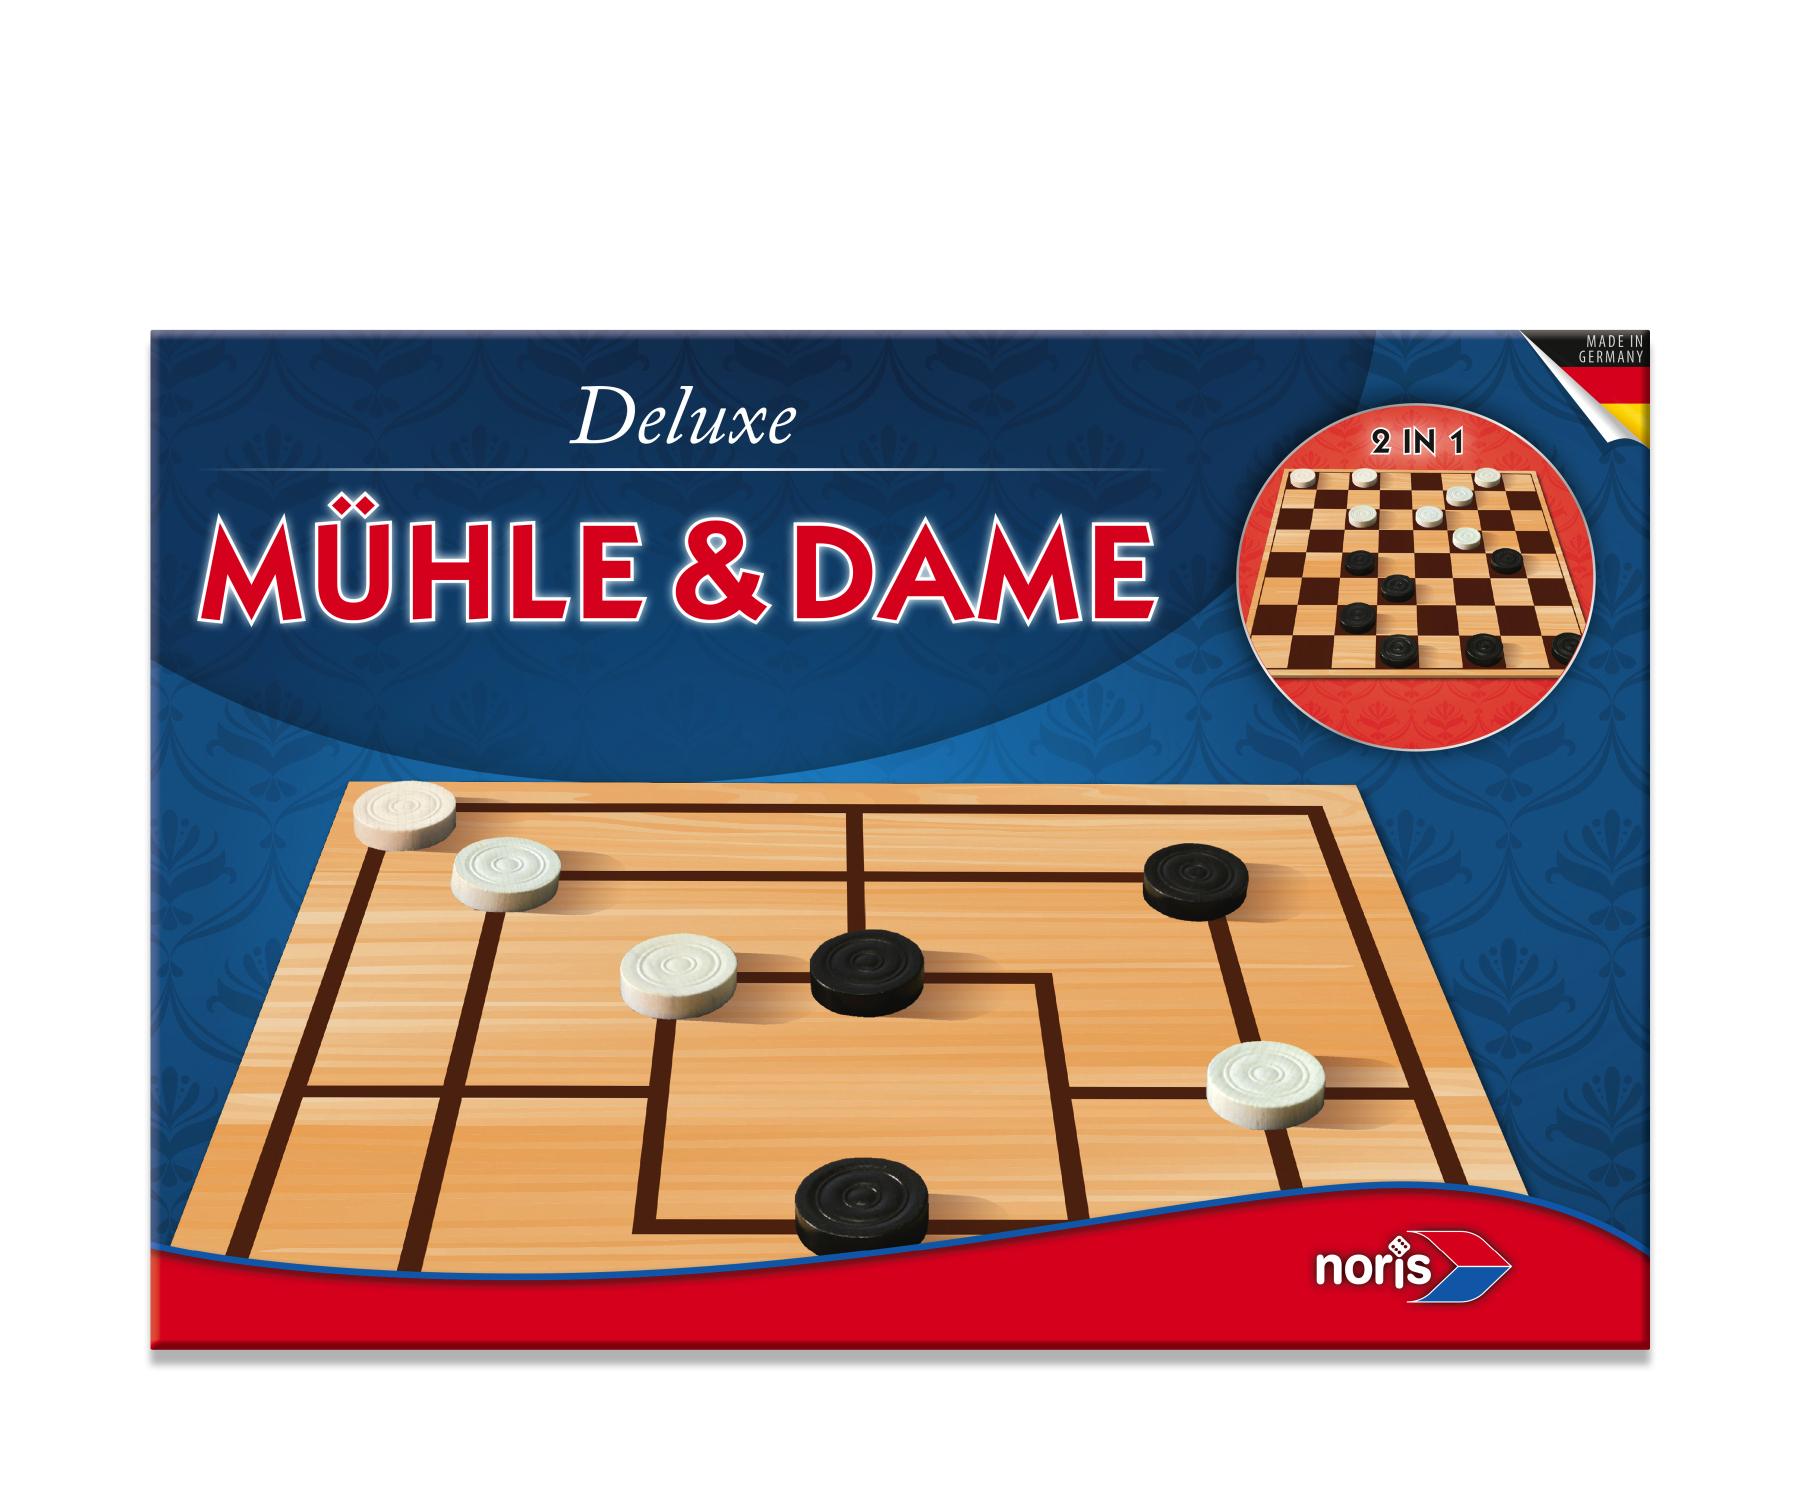 Brettspiel Dame & Mühle